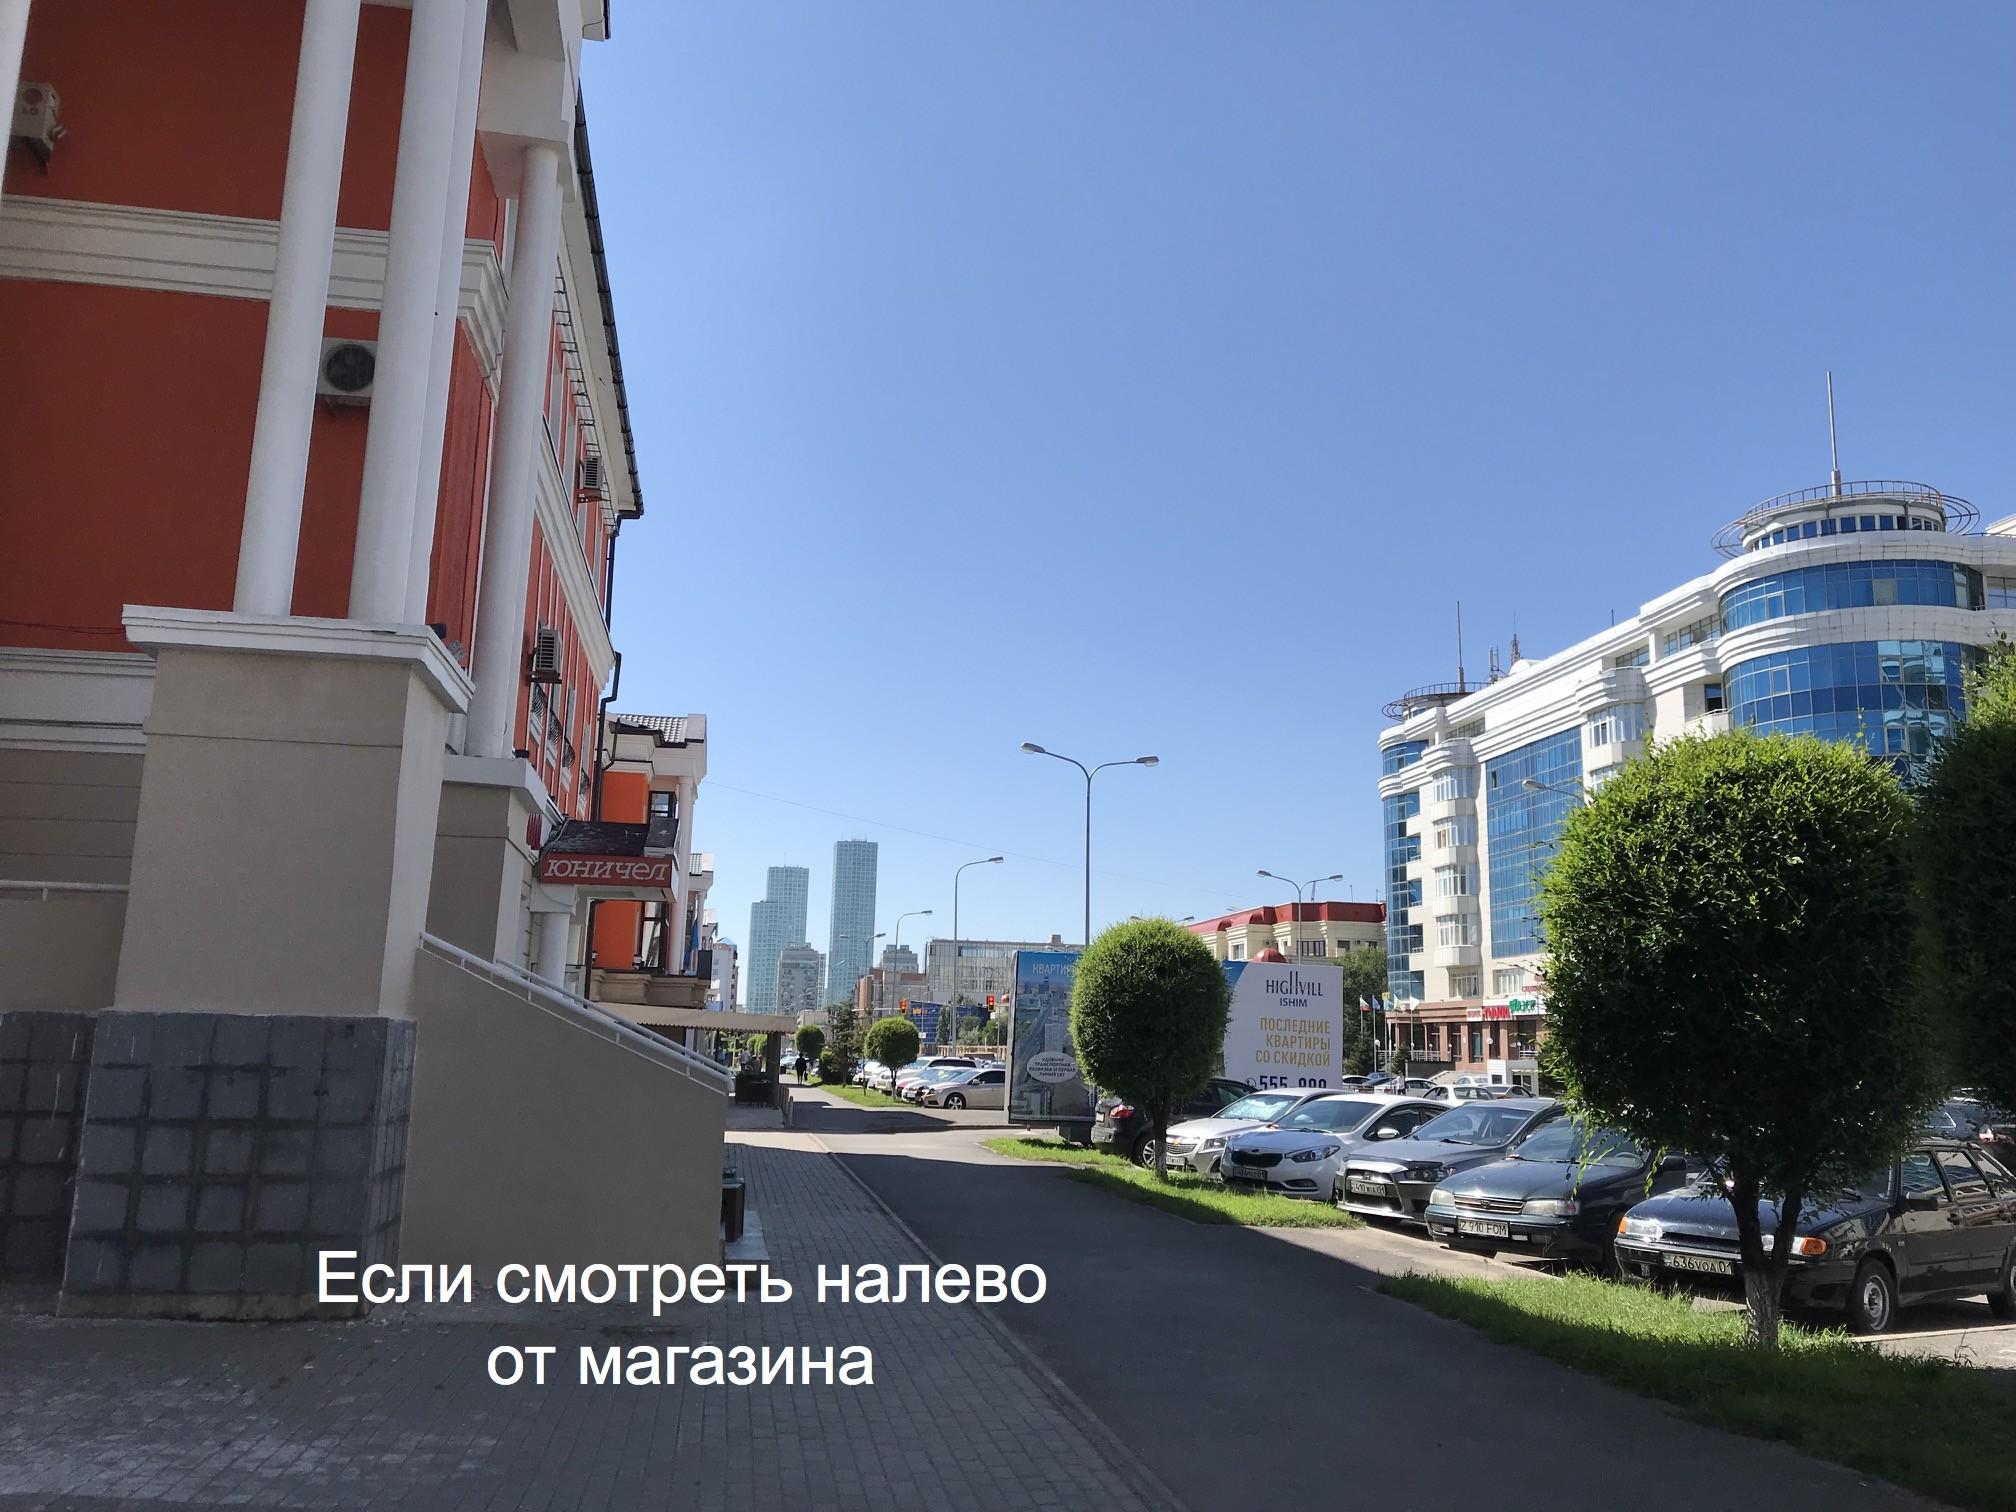 imanova_4